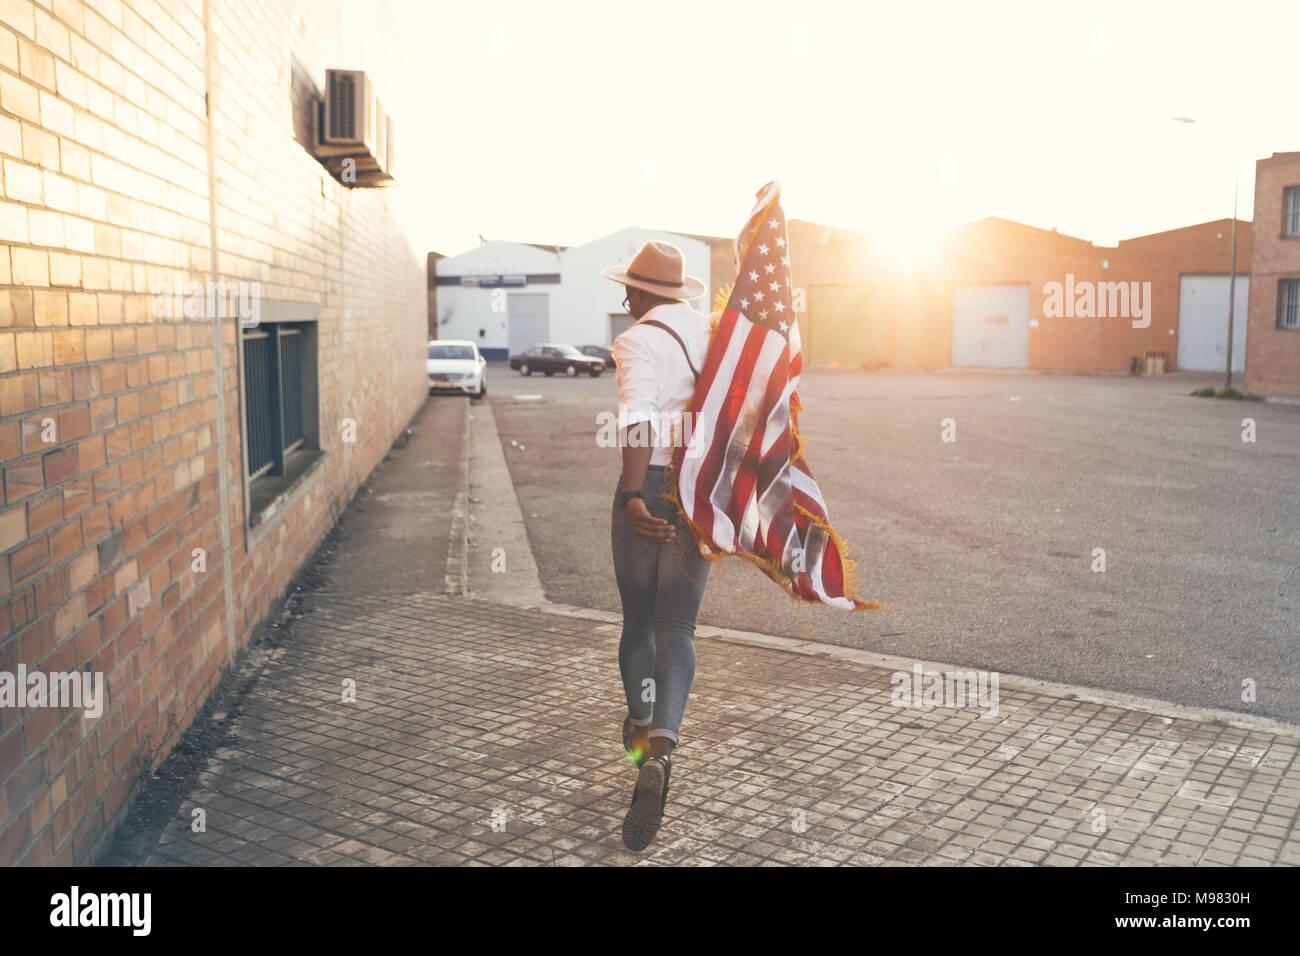 Vue arrière du jeune homme en marche avec le drapeau américain à rétro-éclairage Photo Stock